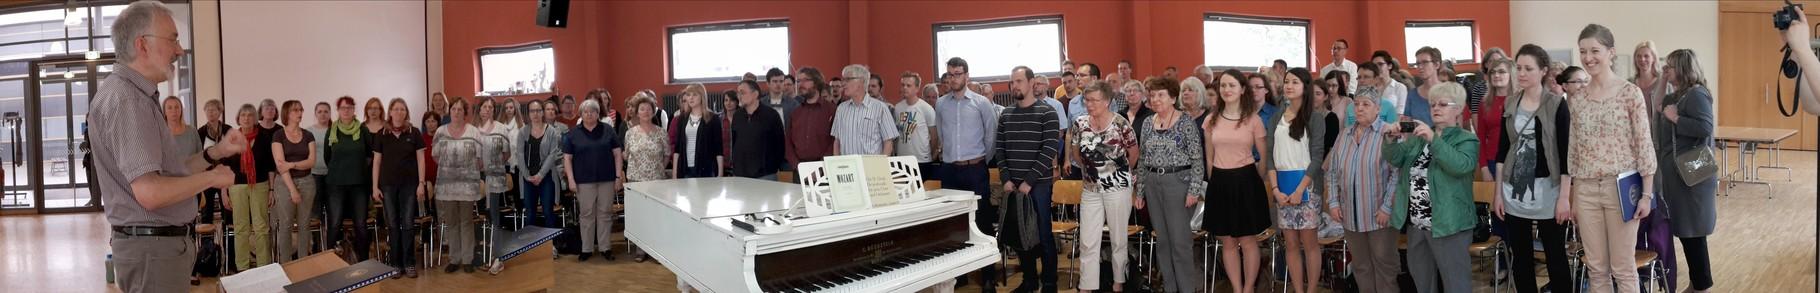 Kantoreichor St.Michael und Akademiechor der Medizinischen Universität Lublin proben im Christlichen Gymnasium in Jena